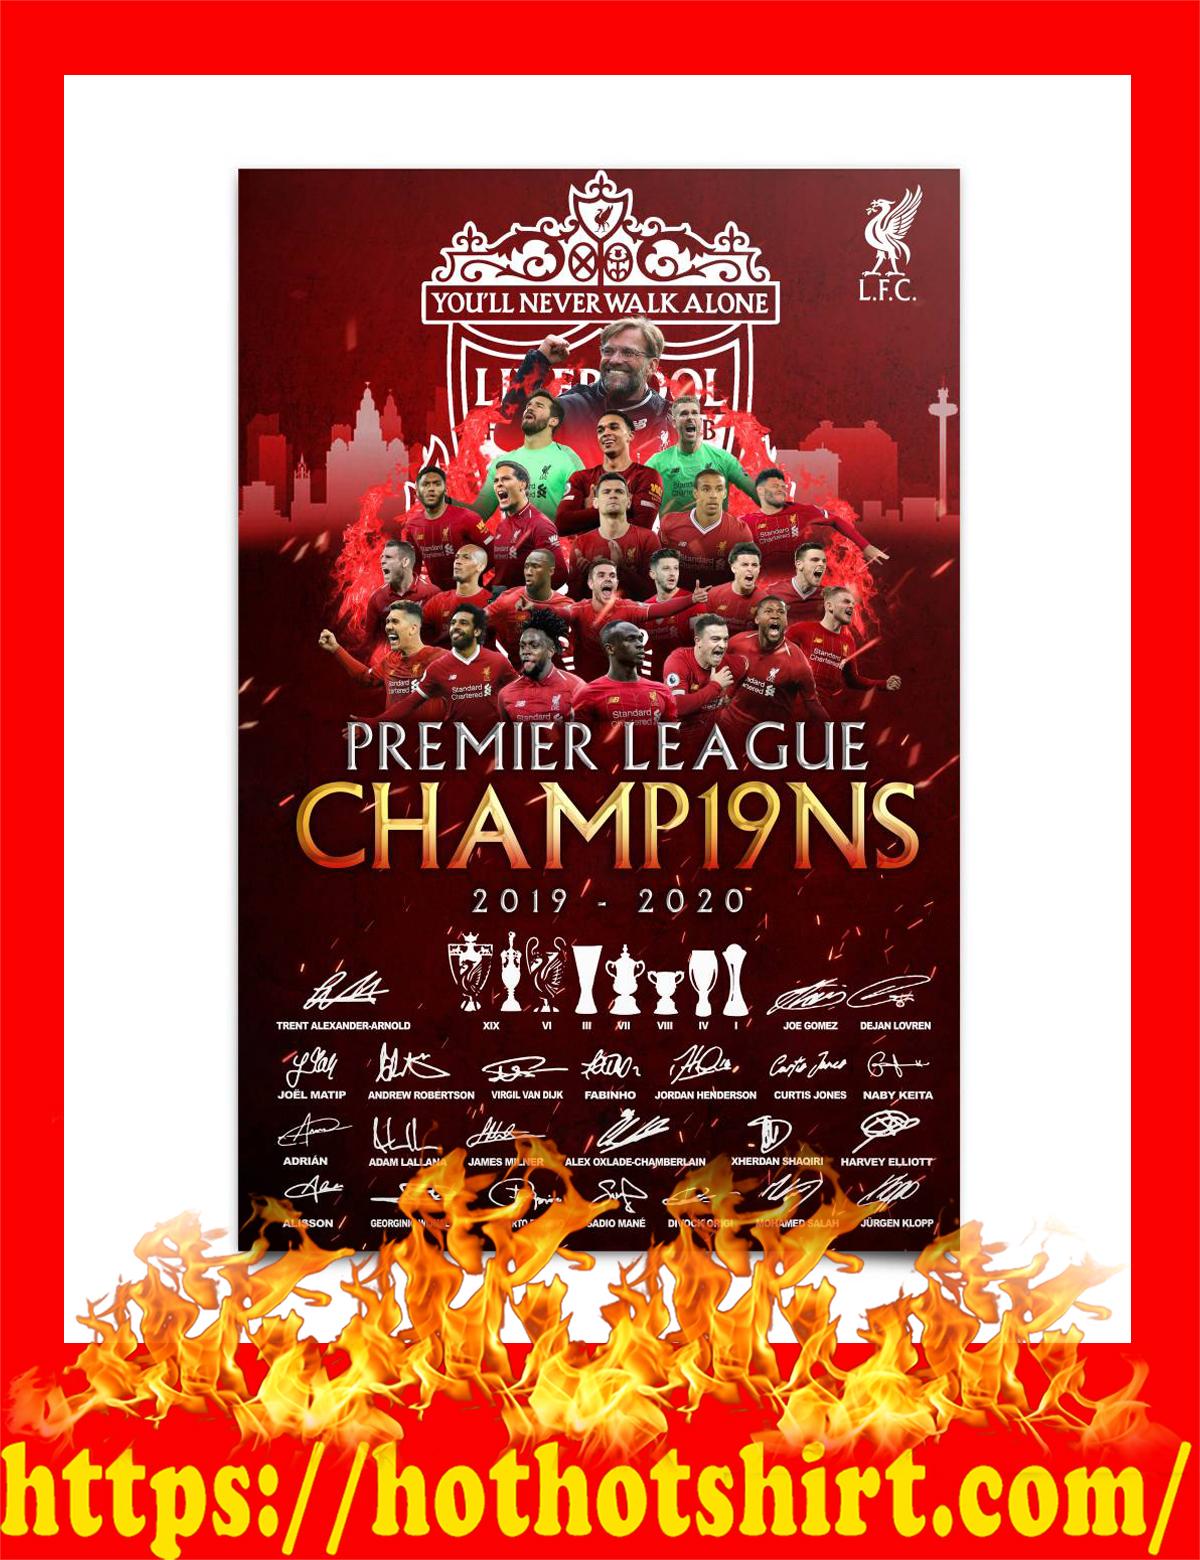 Liverpool premier league champions 2019 2020 signature poster - A4